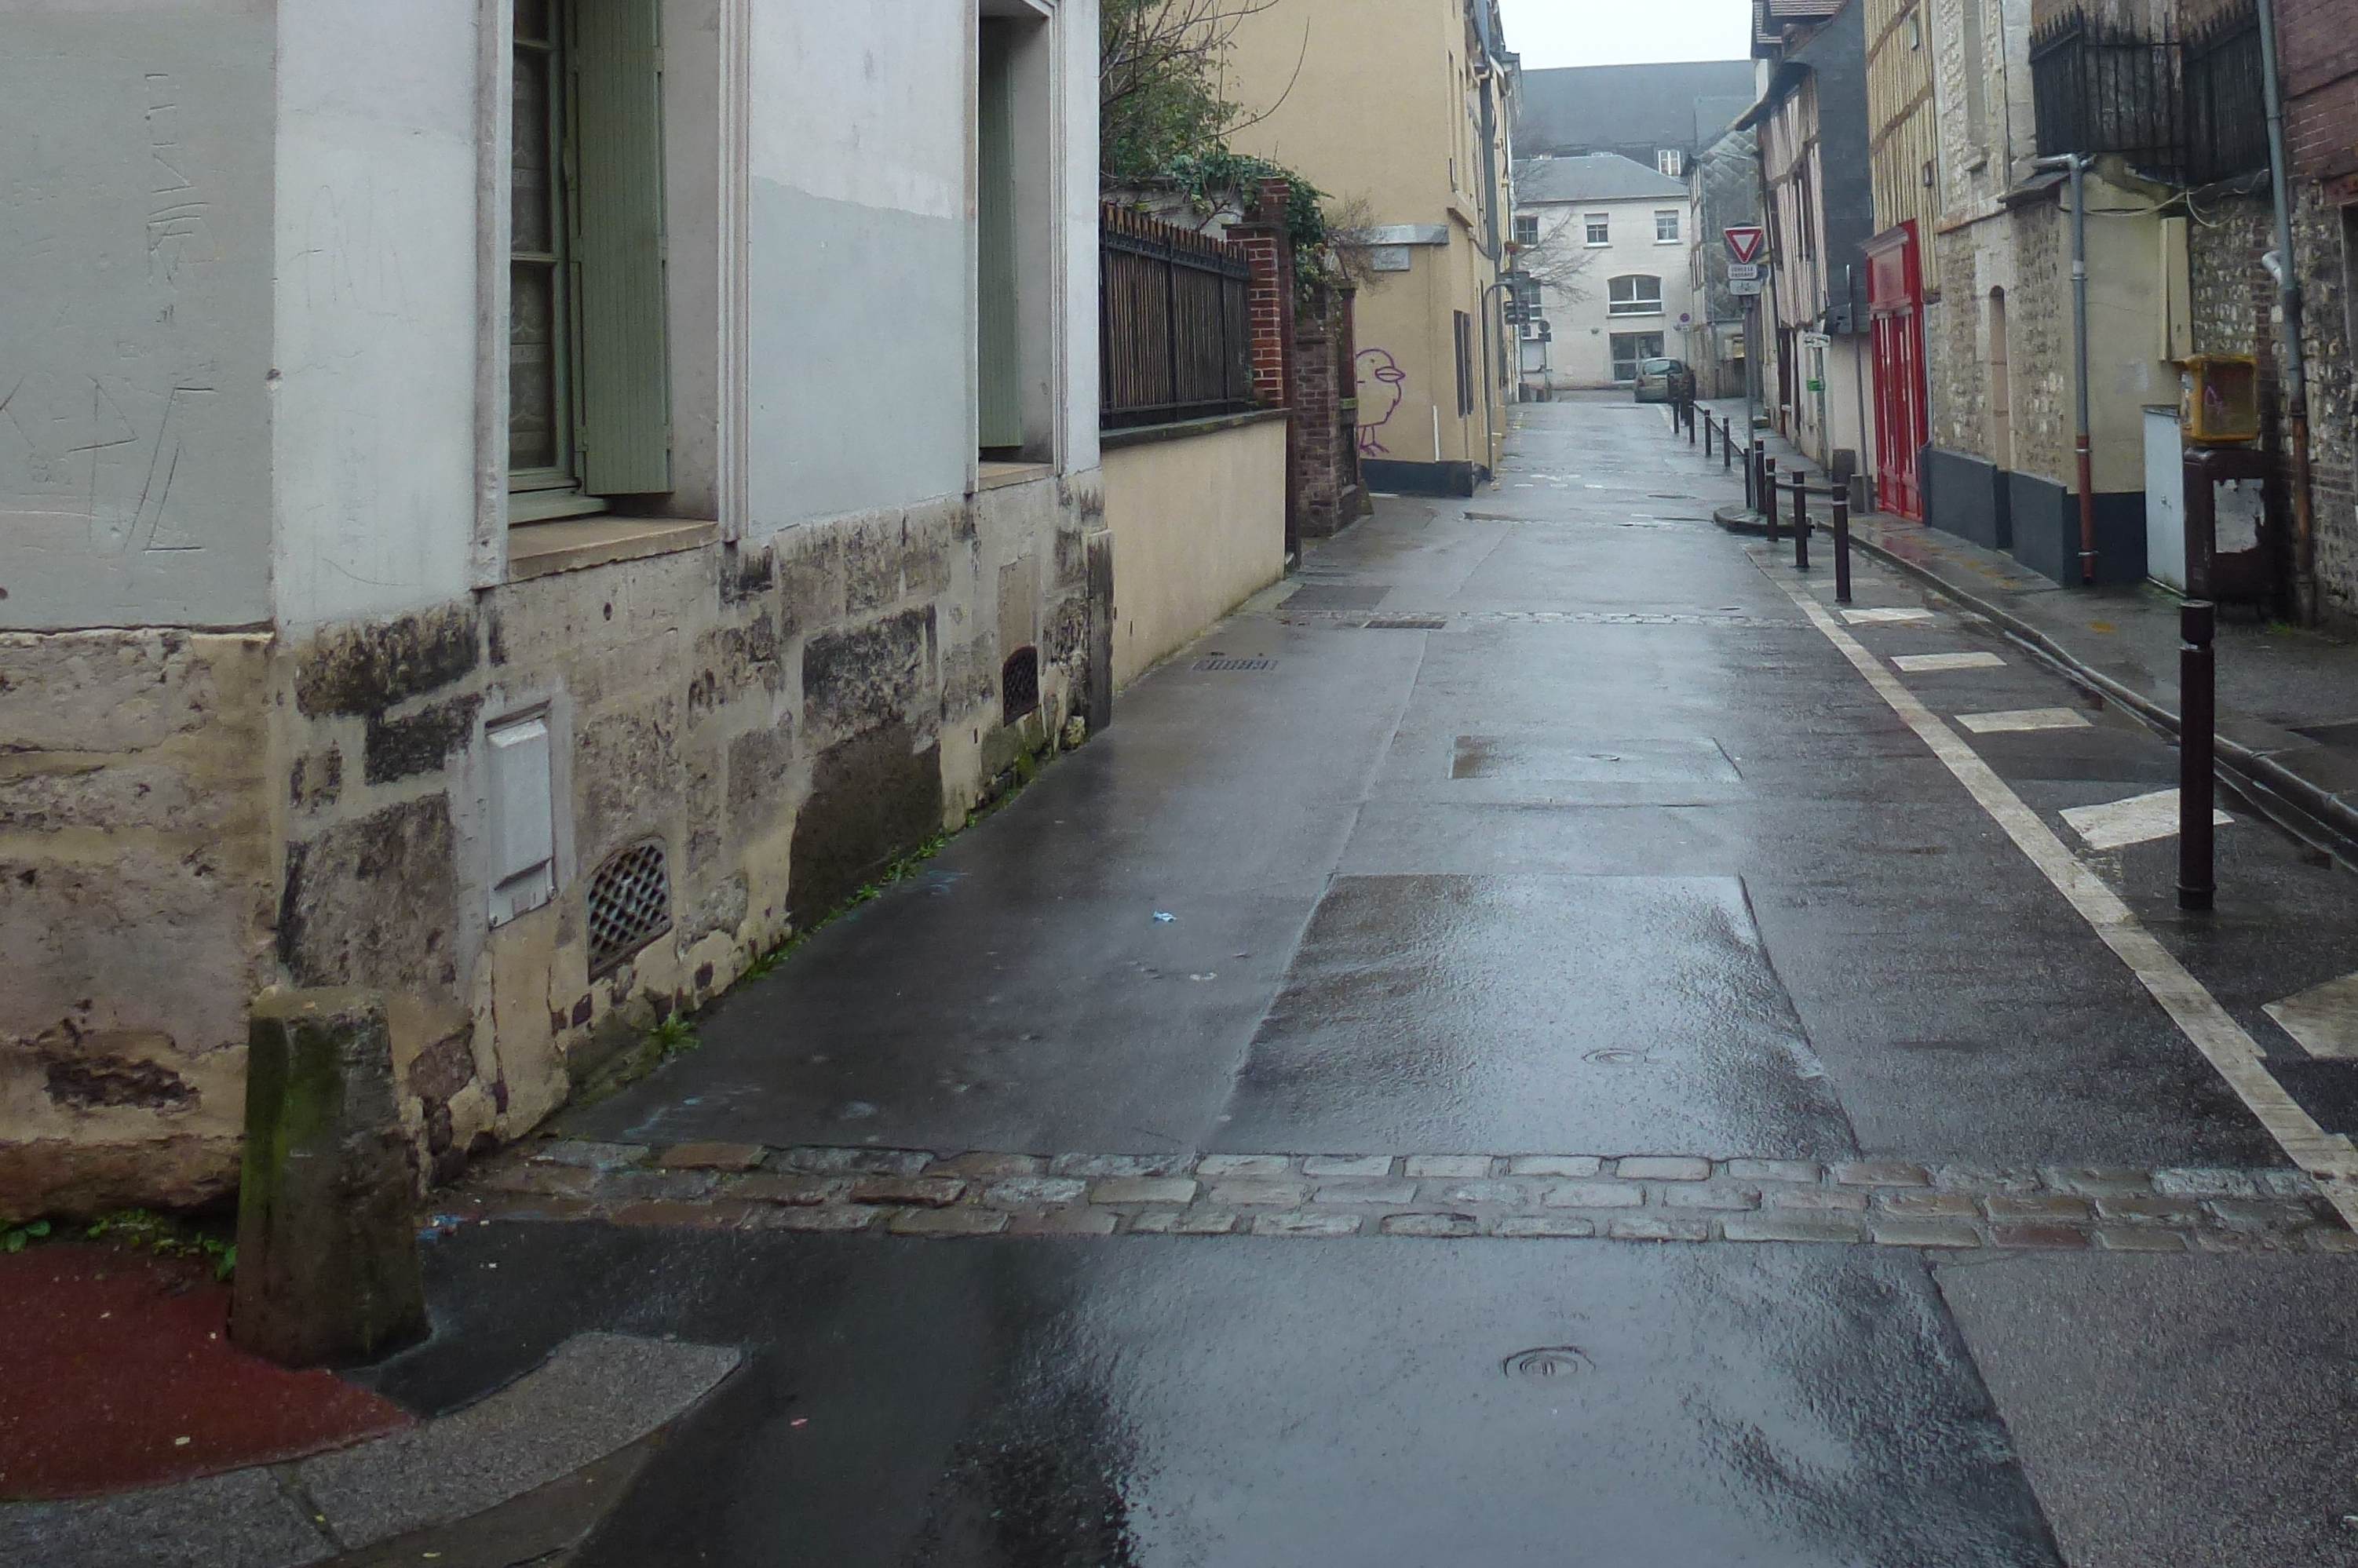 Rue de la Roche aujourd'hui (1)